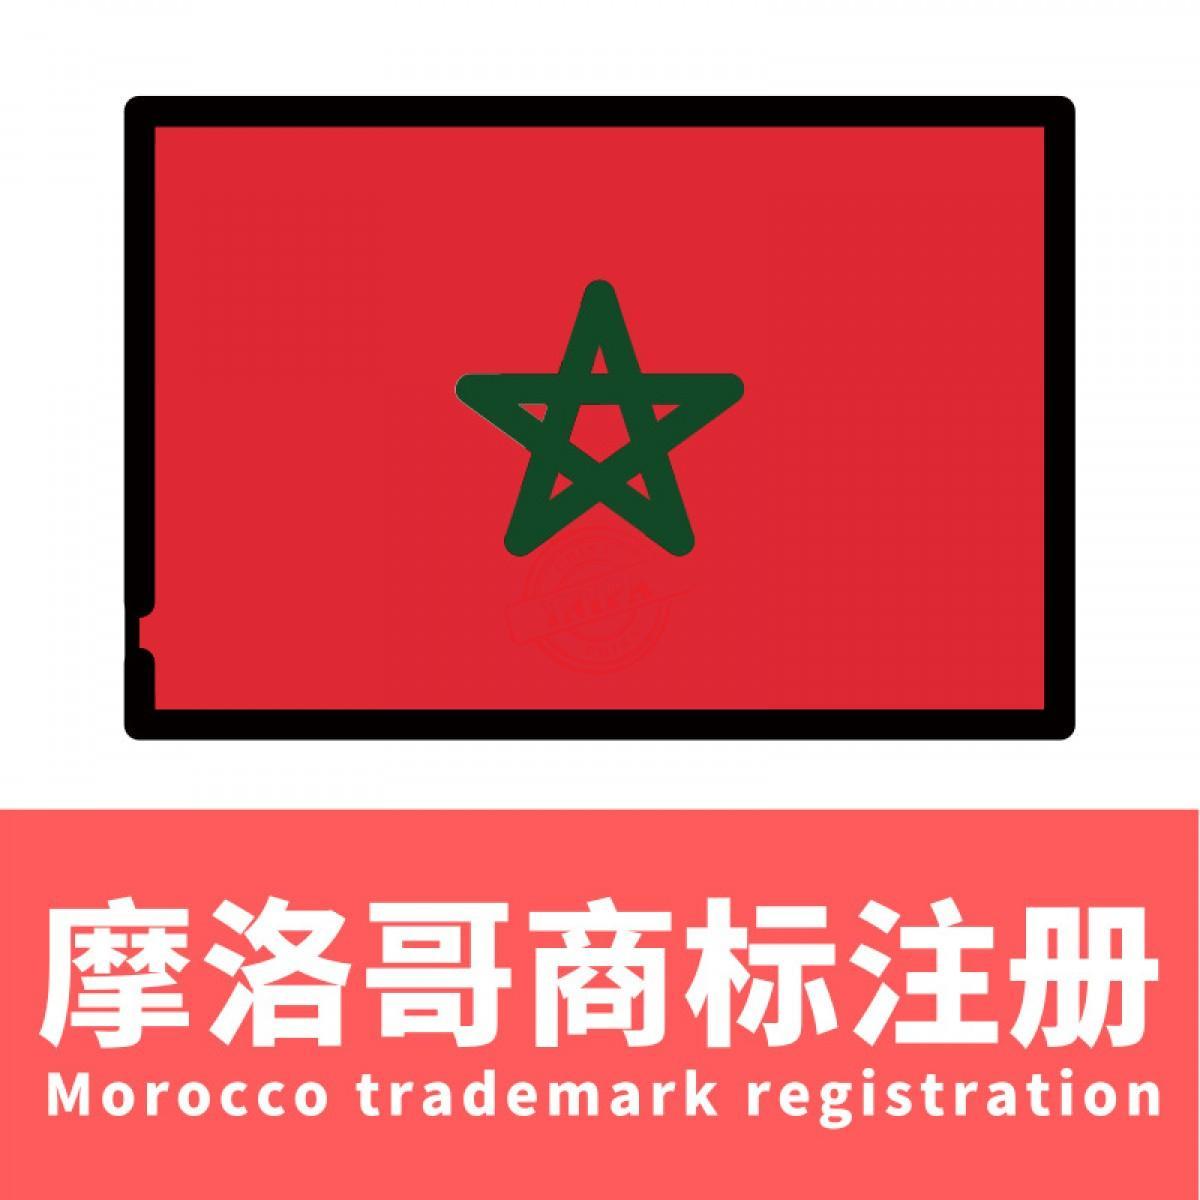 摩洛哥商标注册/Morocco trademark registration